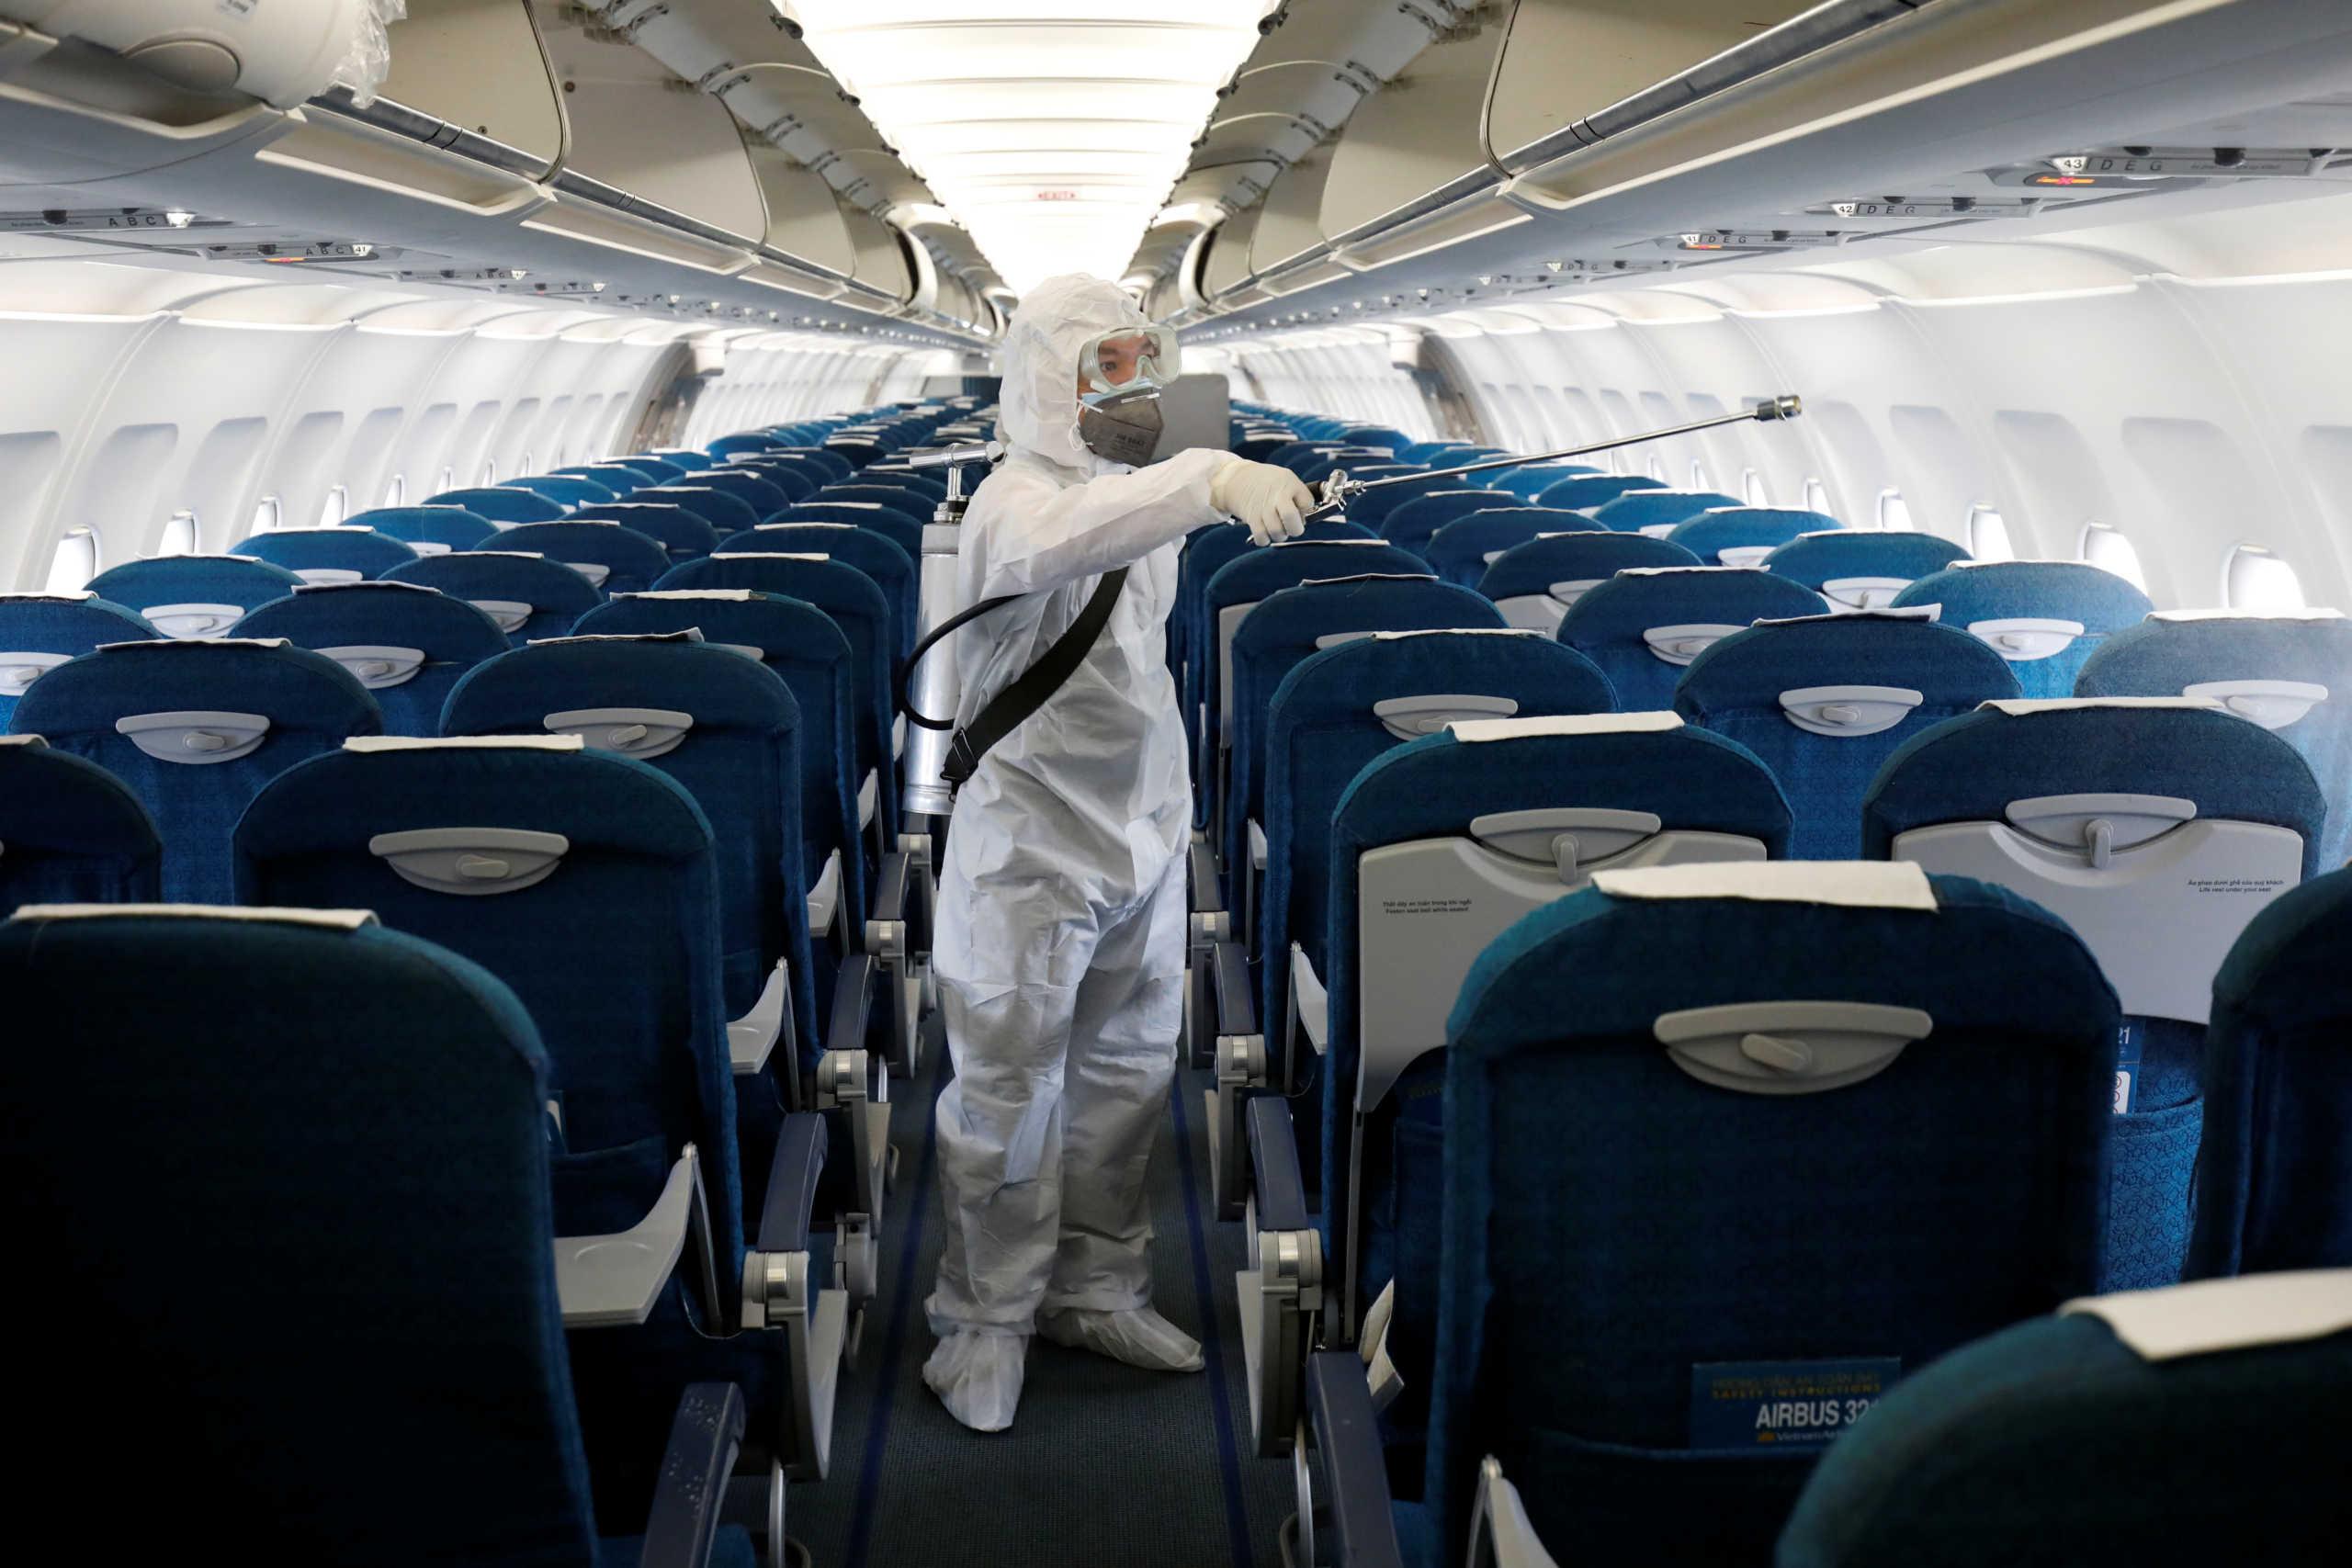 ''Γονατίζουν'' οι αεροπορικές εταιρίες από την επιδημία του κορονοϊού! Ταξιδεύουν άδεια τα αεροπλάνα